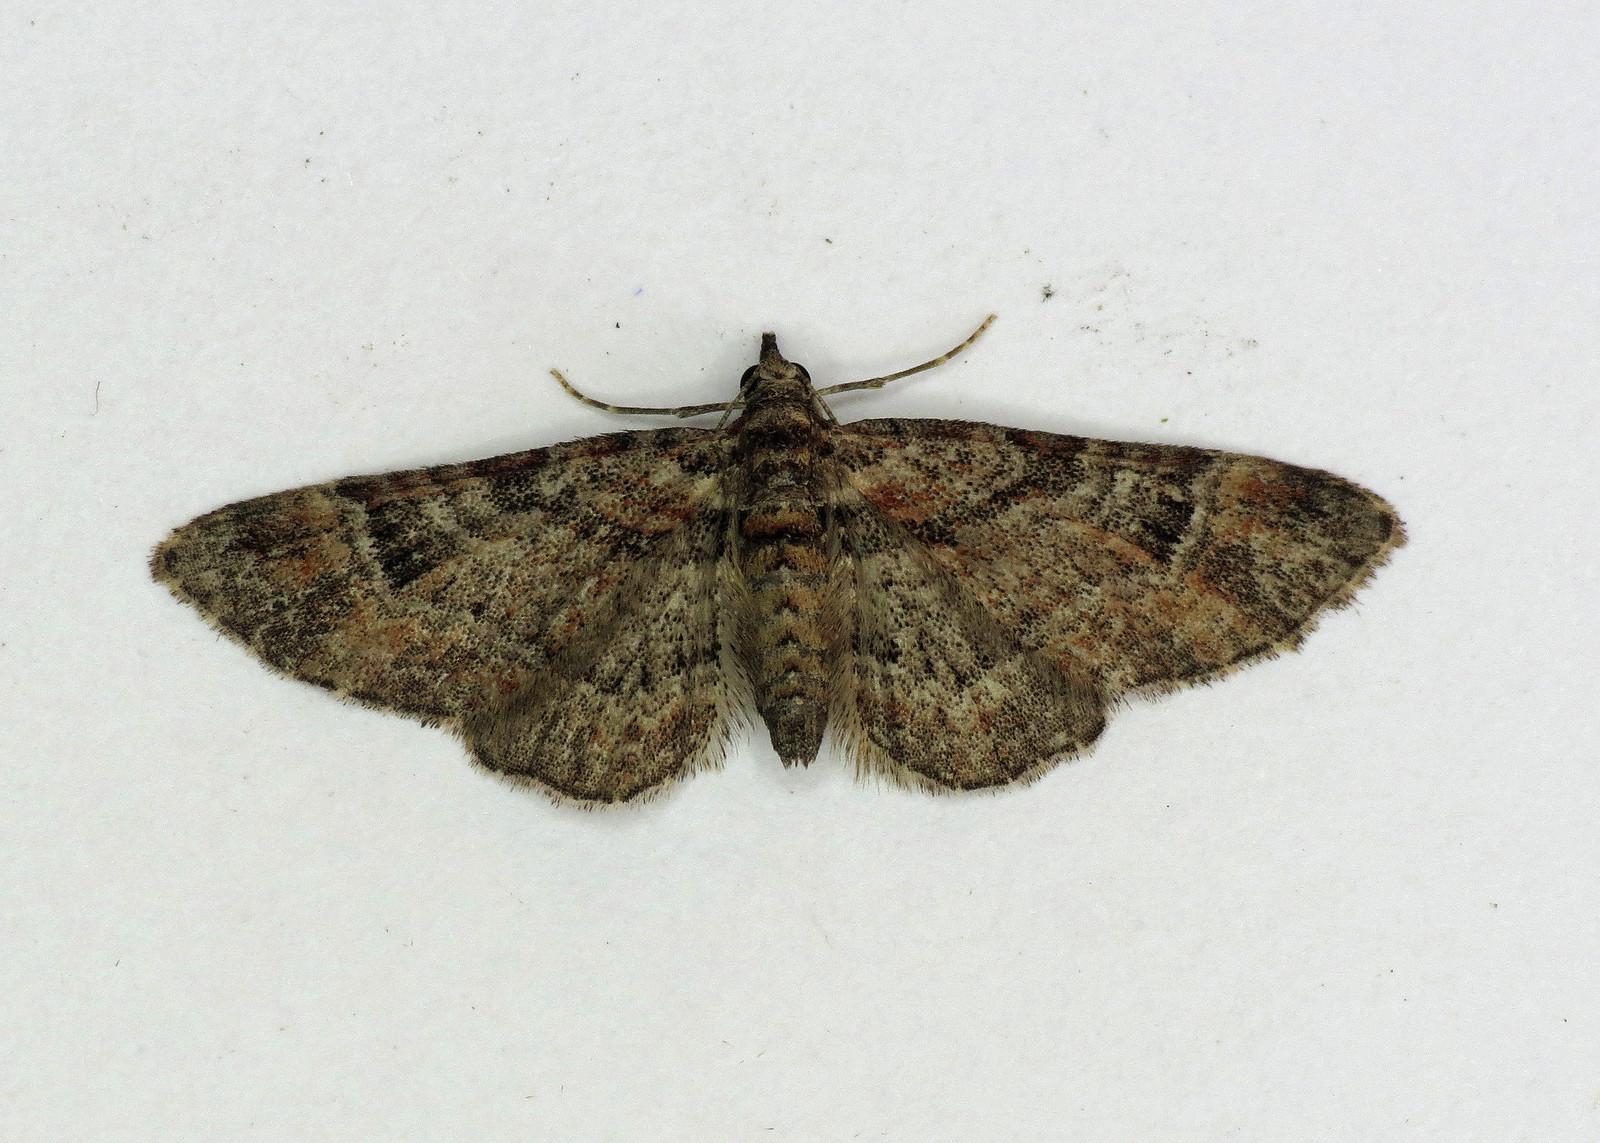 1862 Double-striped Pug - Gymnoscelis rufifasciata